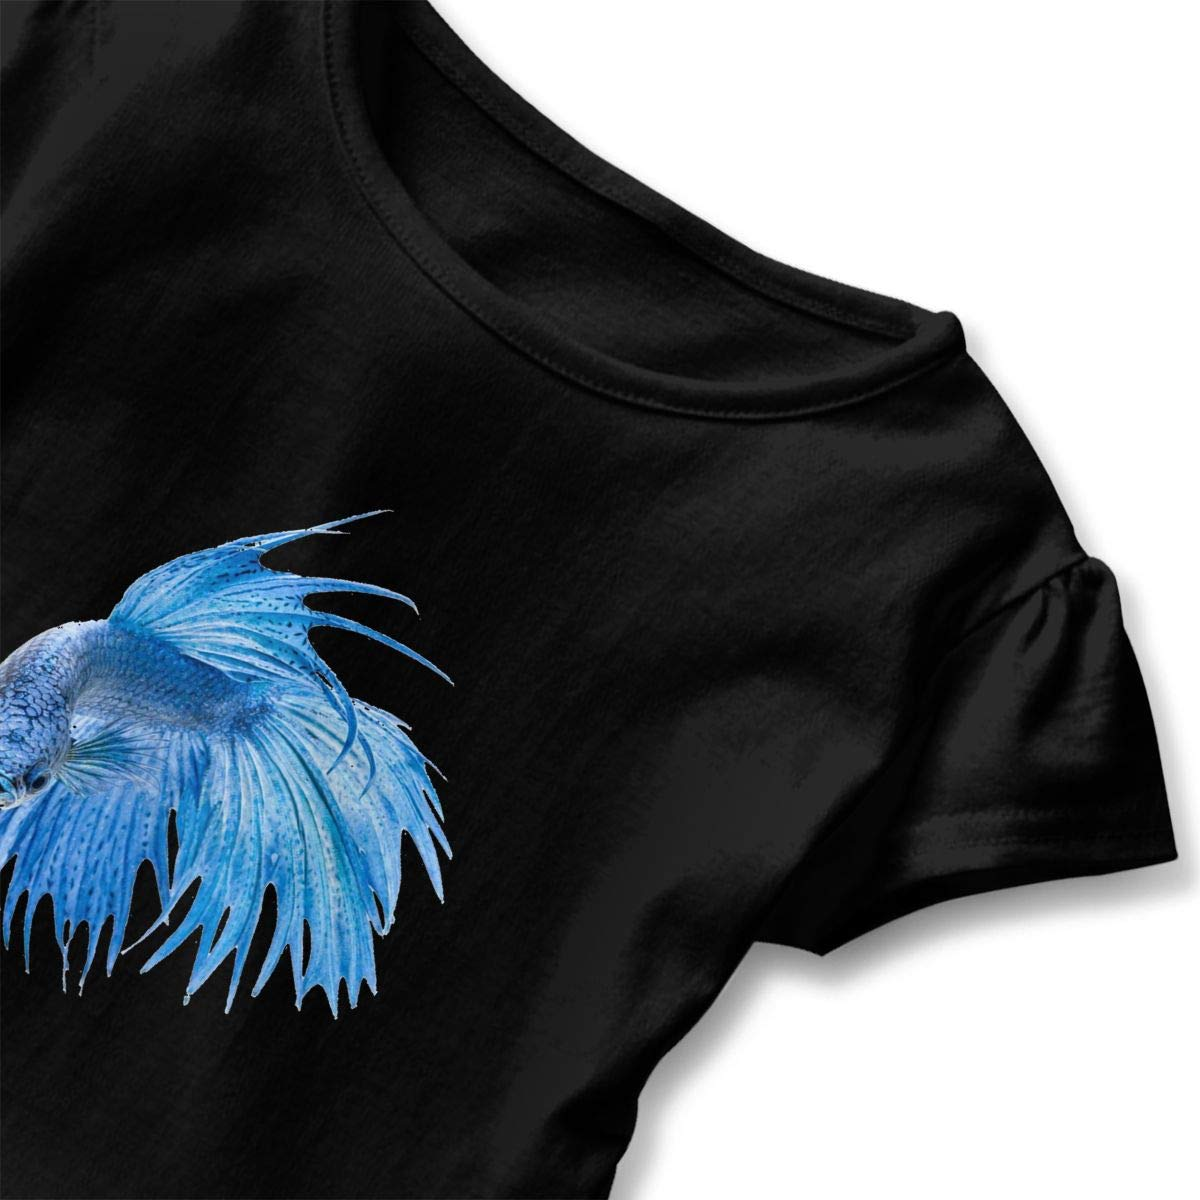 SHIRT1-KIDS Blue Betta Fish Childrens Girls Short Sleeve Ruffles Shirt Tee Jersey for 2-6T